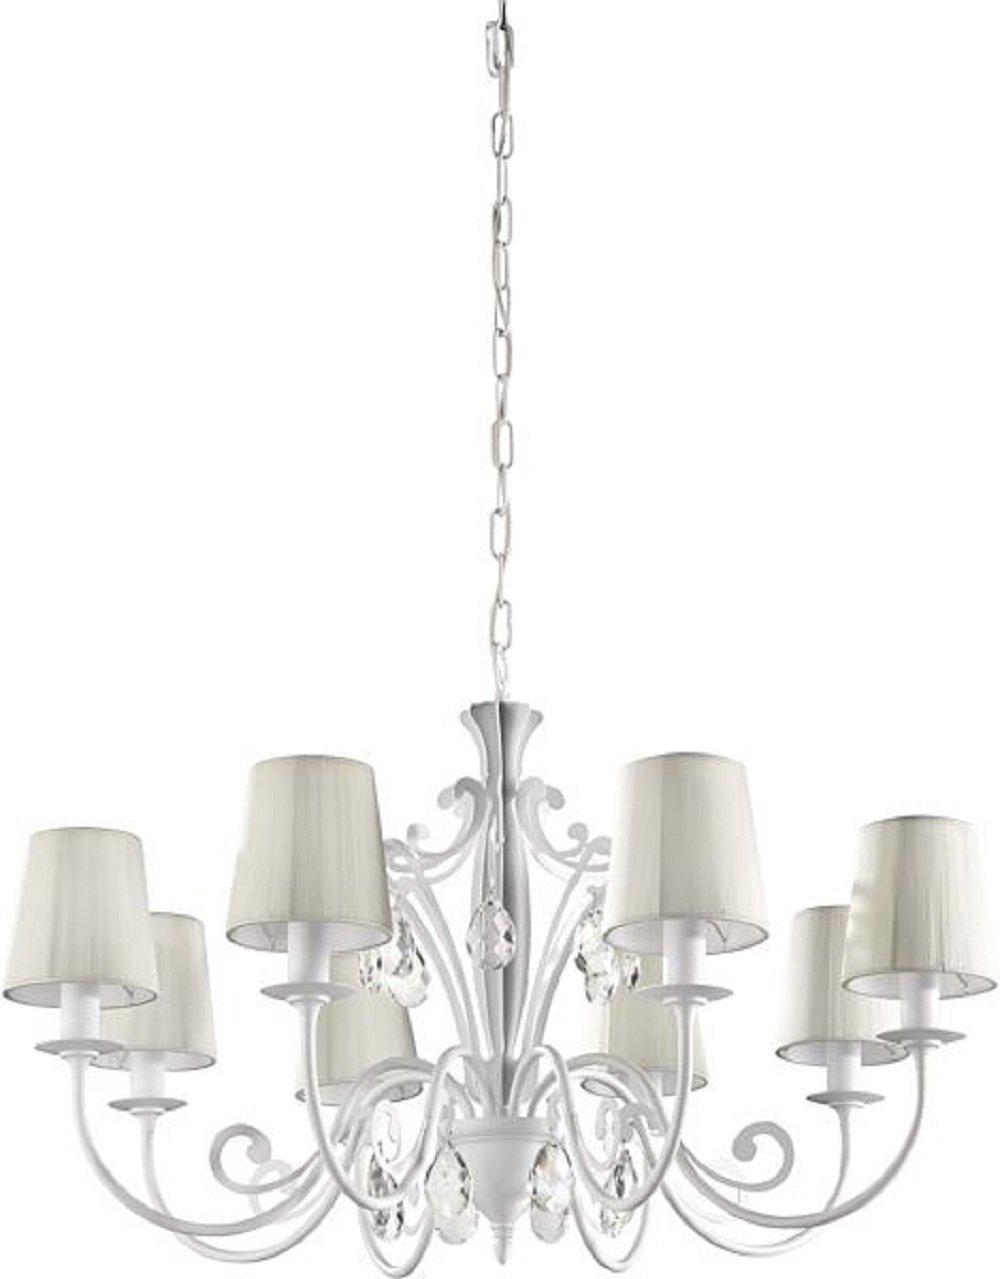 飞利浦水晶吸顶灯 客厅卧室吊灯 欧式奢华八头 不含光源 白色